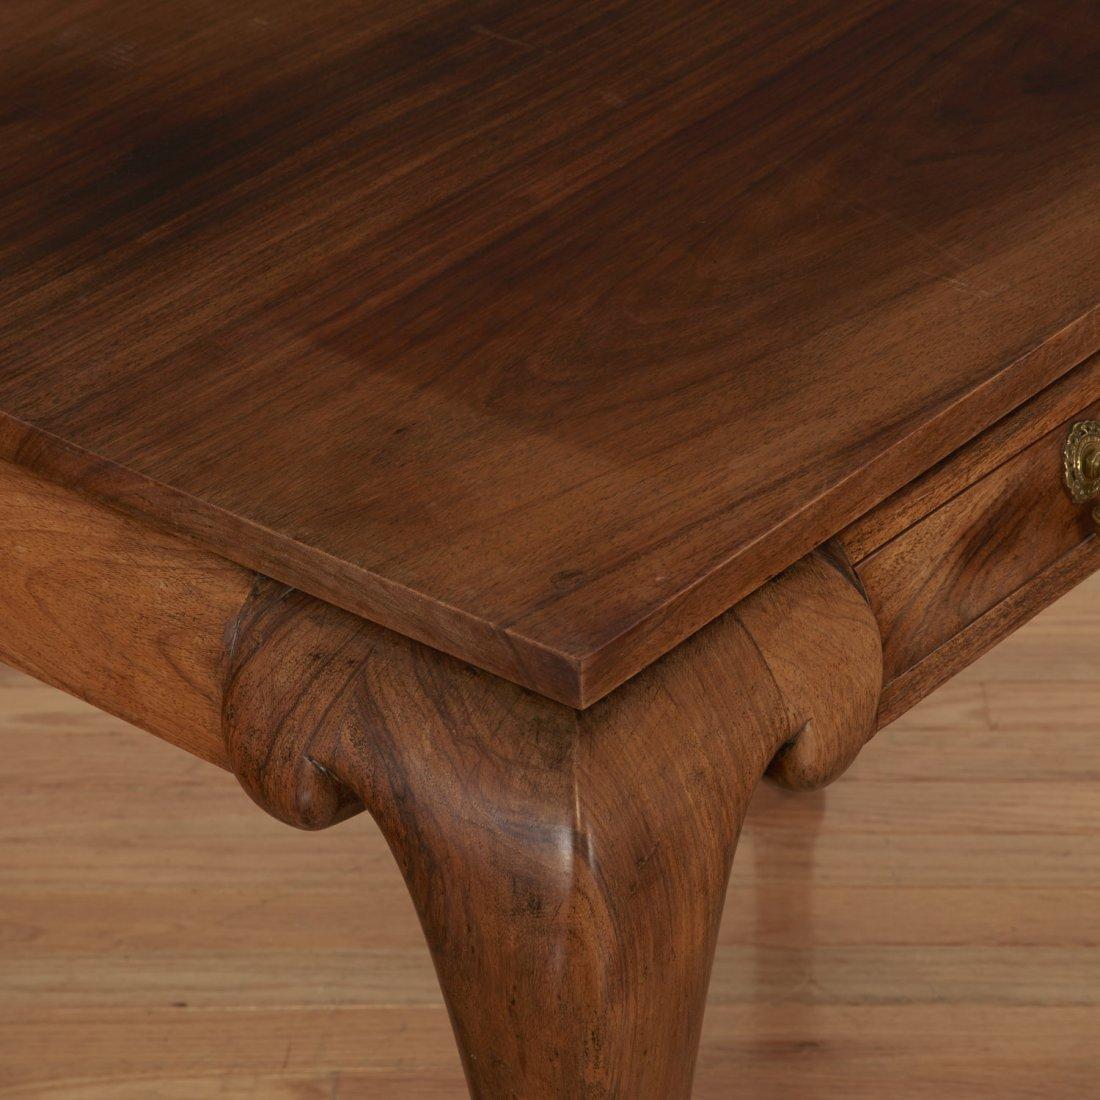 Unusual Chinese Export hardwood tea table - 4